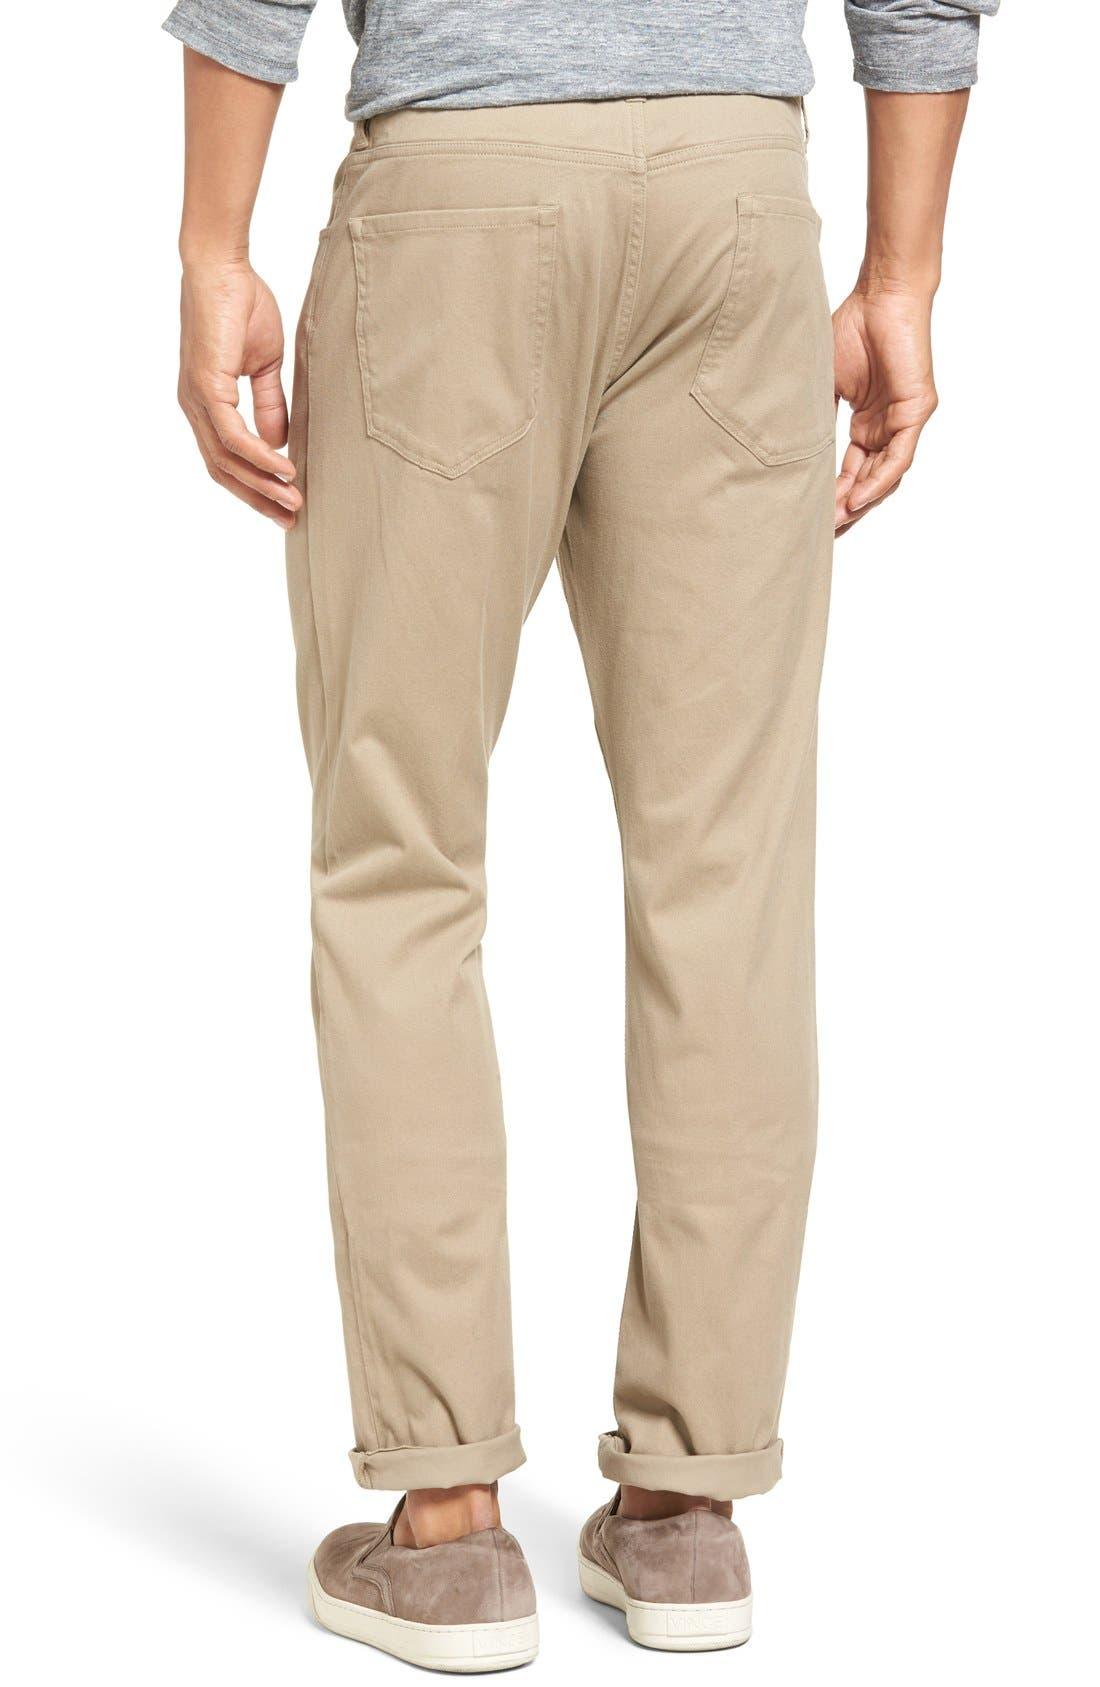 Soho Slim Fit Five-Pocket Pants,                             Alternate thumbnail 3, color,                             Khaki